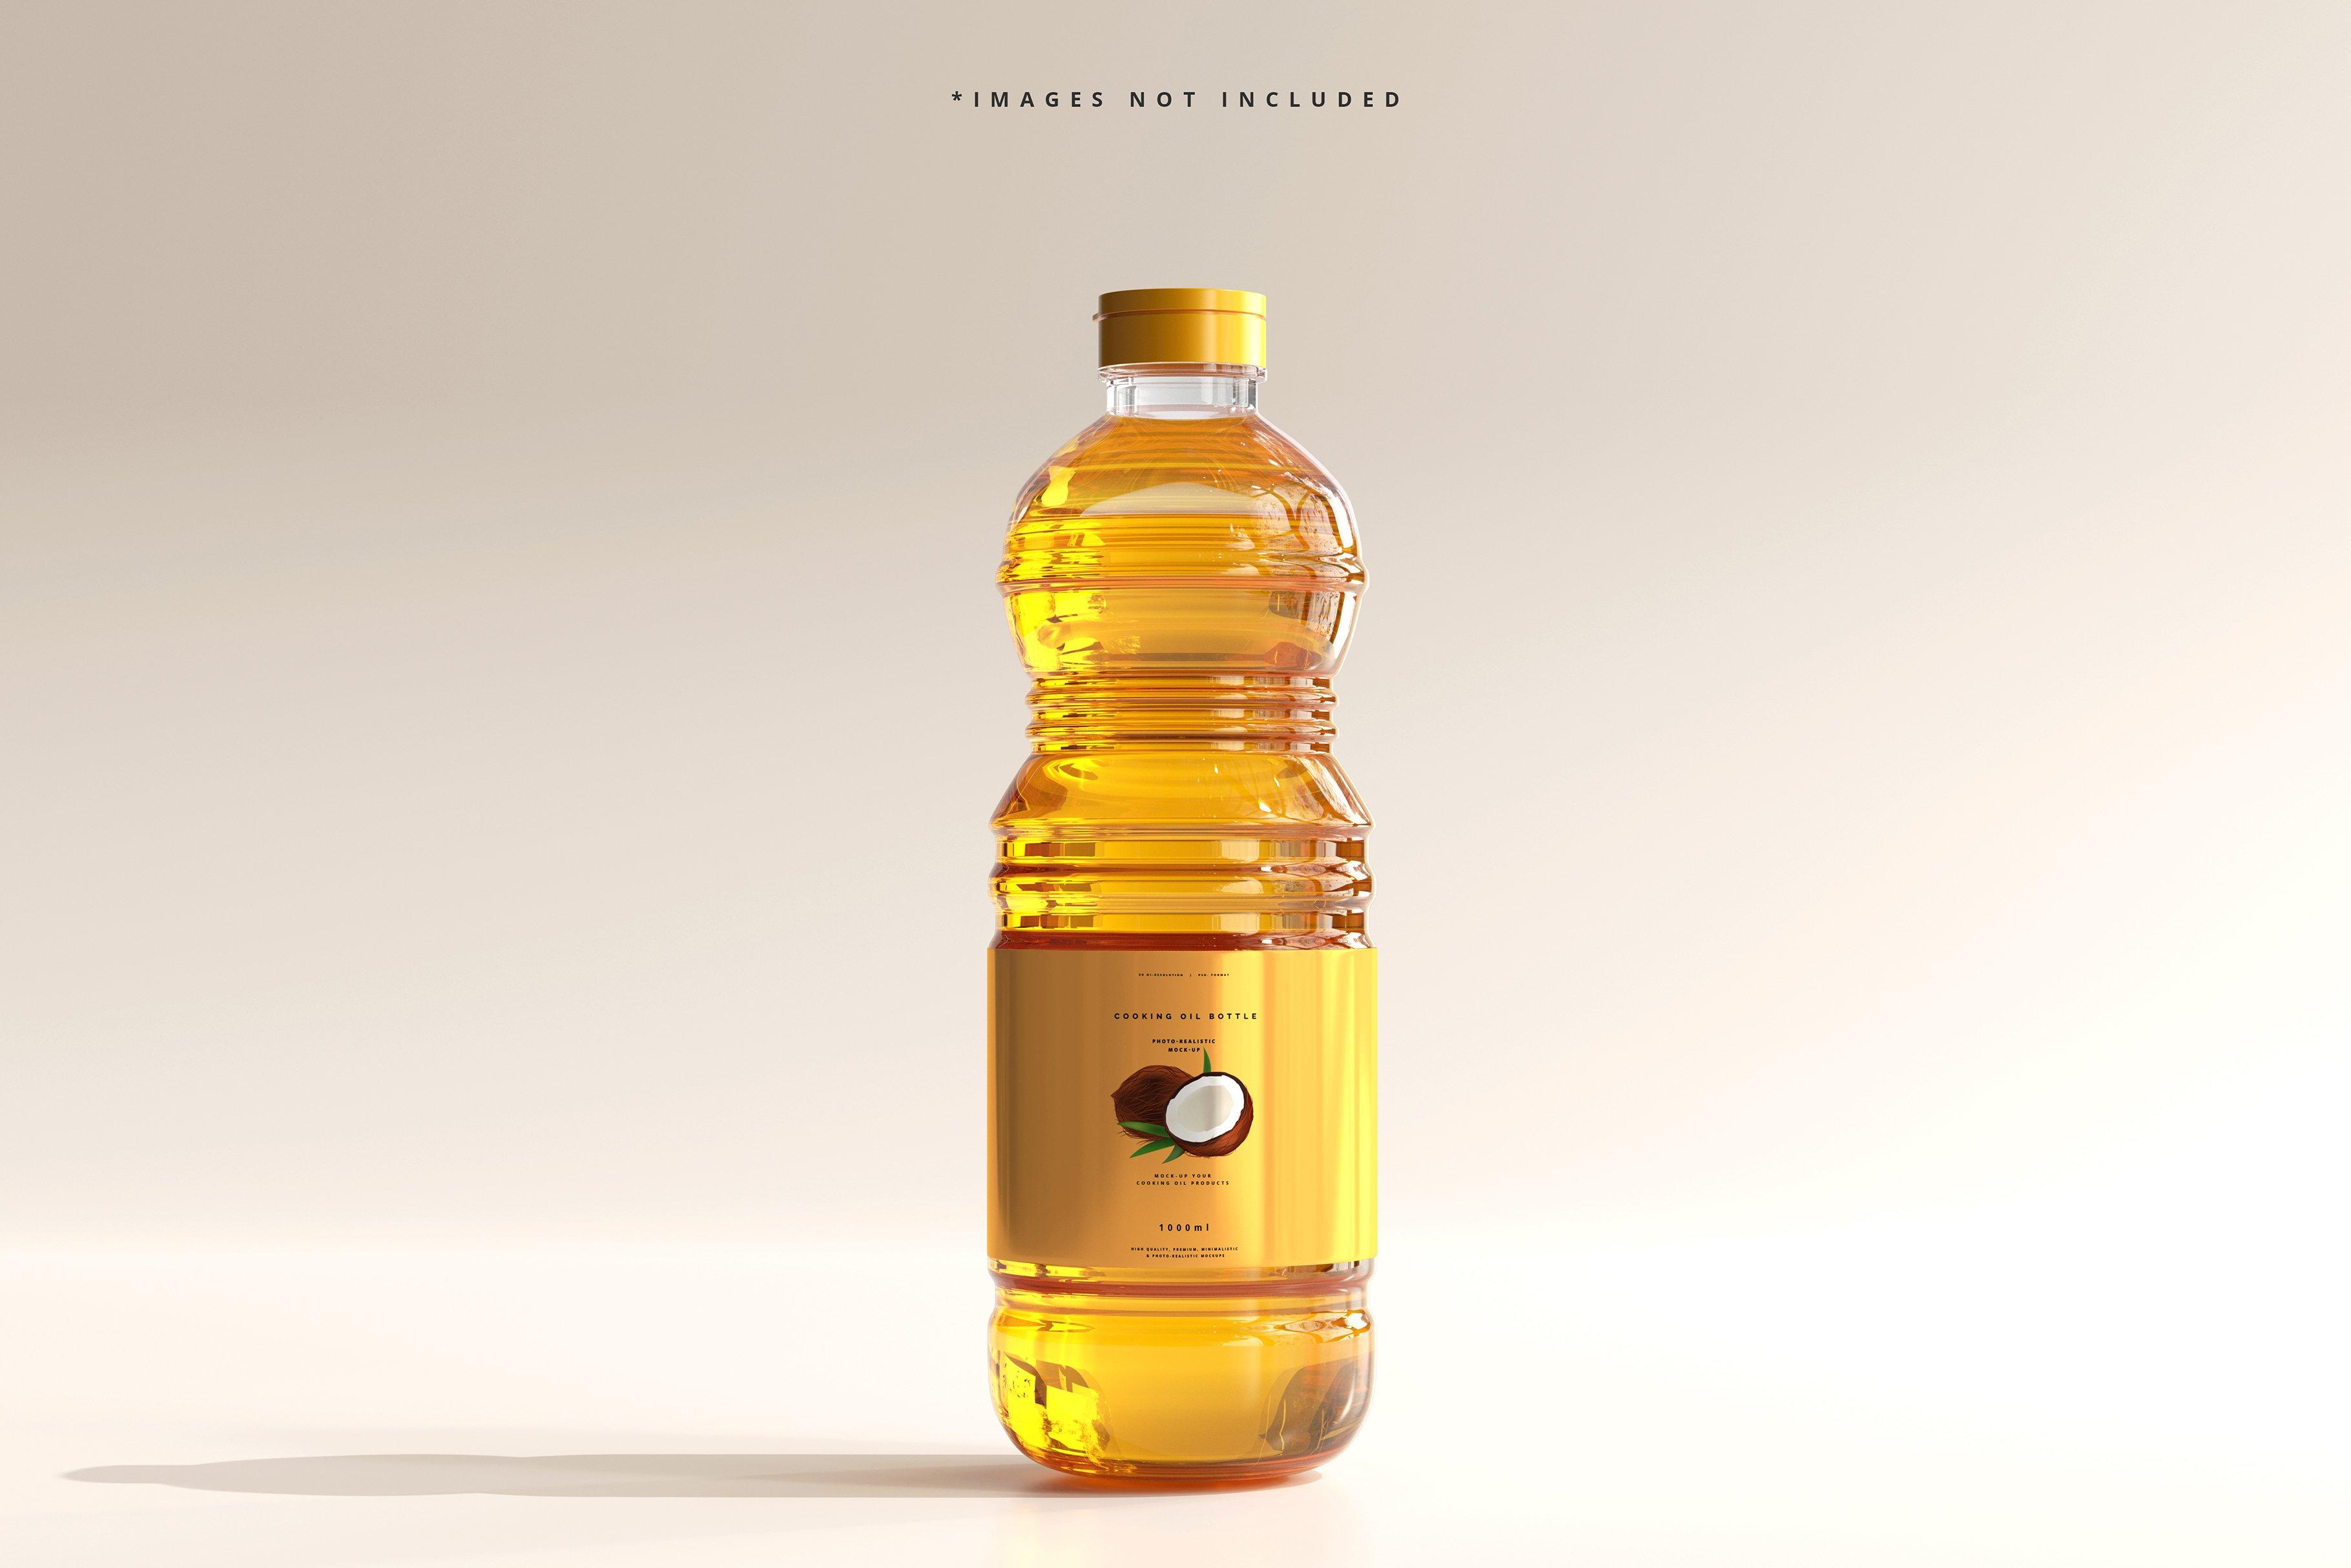 8款透明质感食用油塑料瓶设计展示贴图样机模板 Cooking Oil Bottle Mockup插图